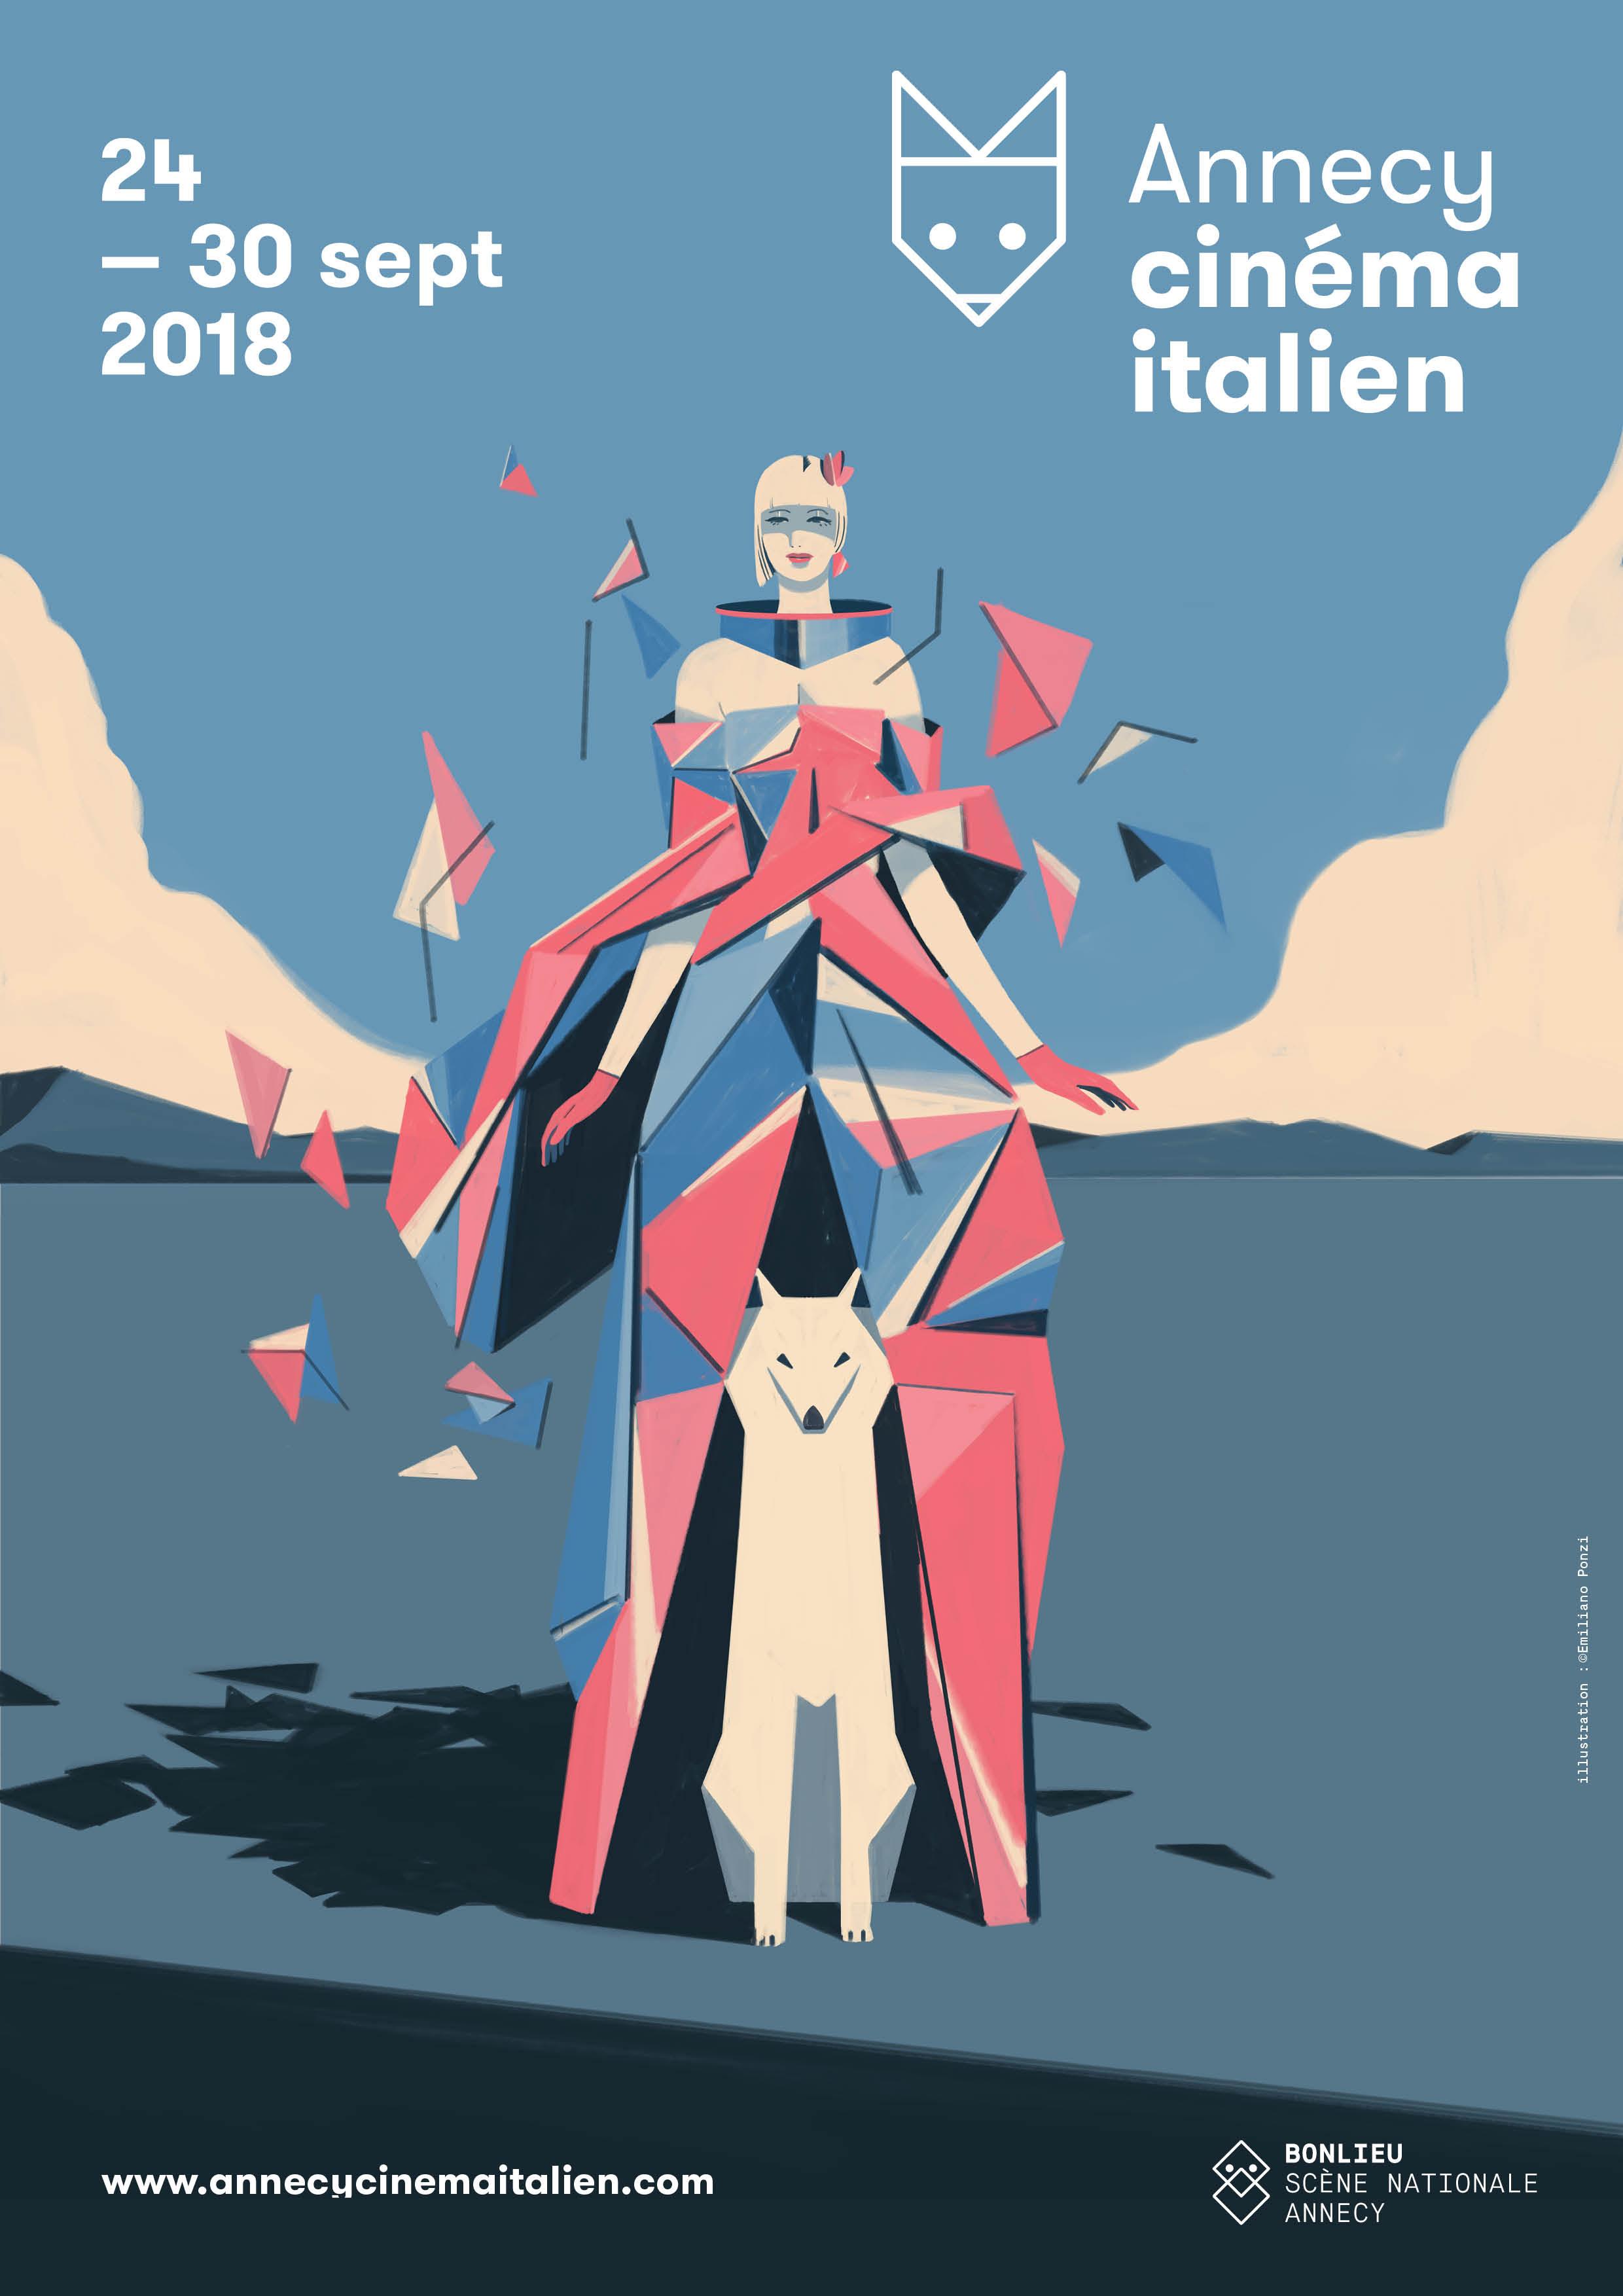 Annecy Cinéma Italien 24-30 septembre 2018